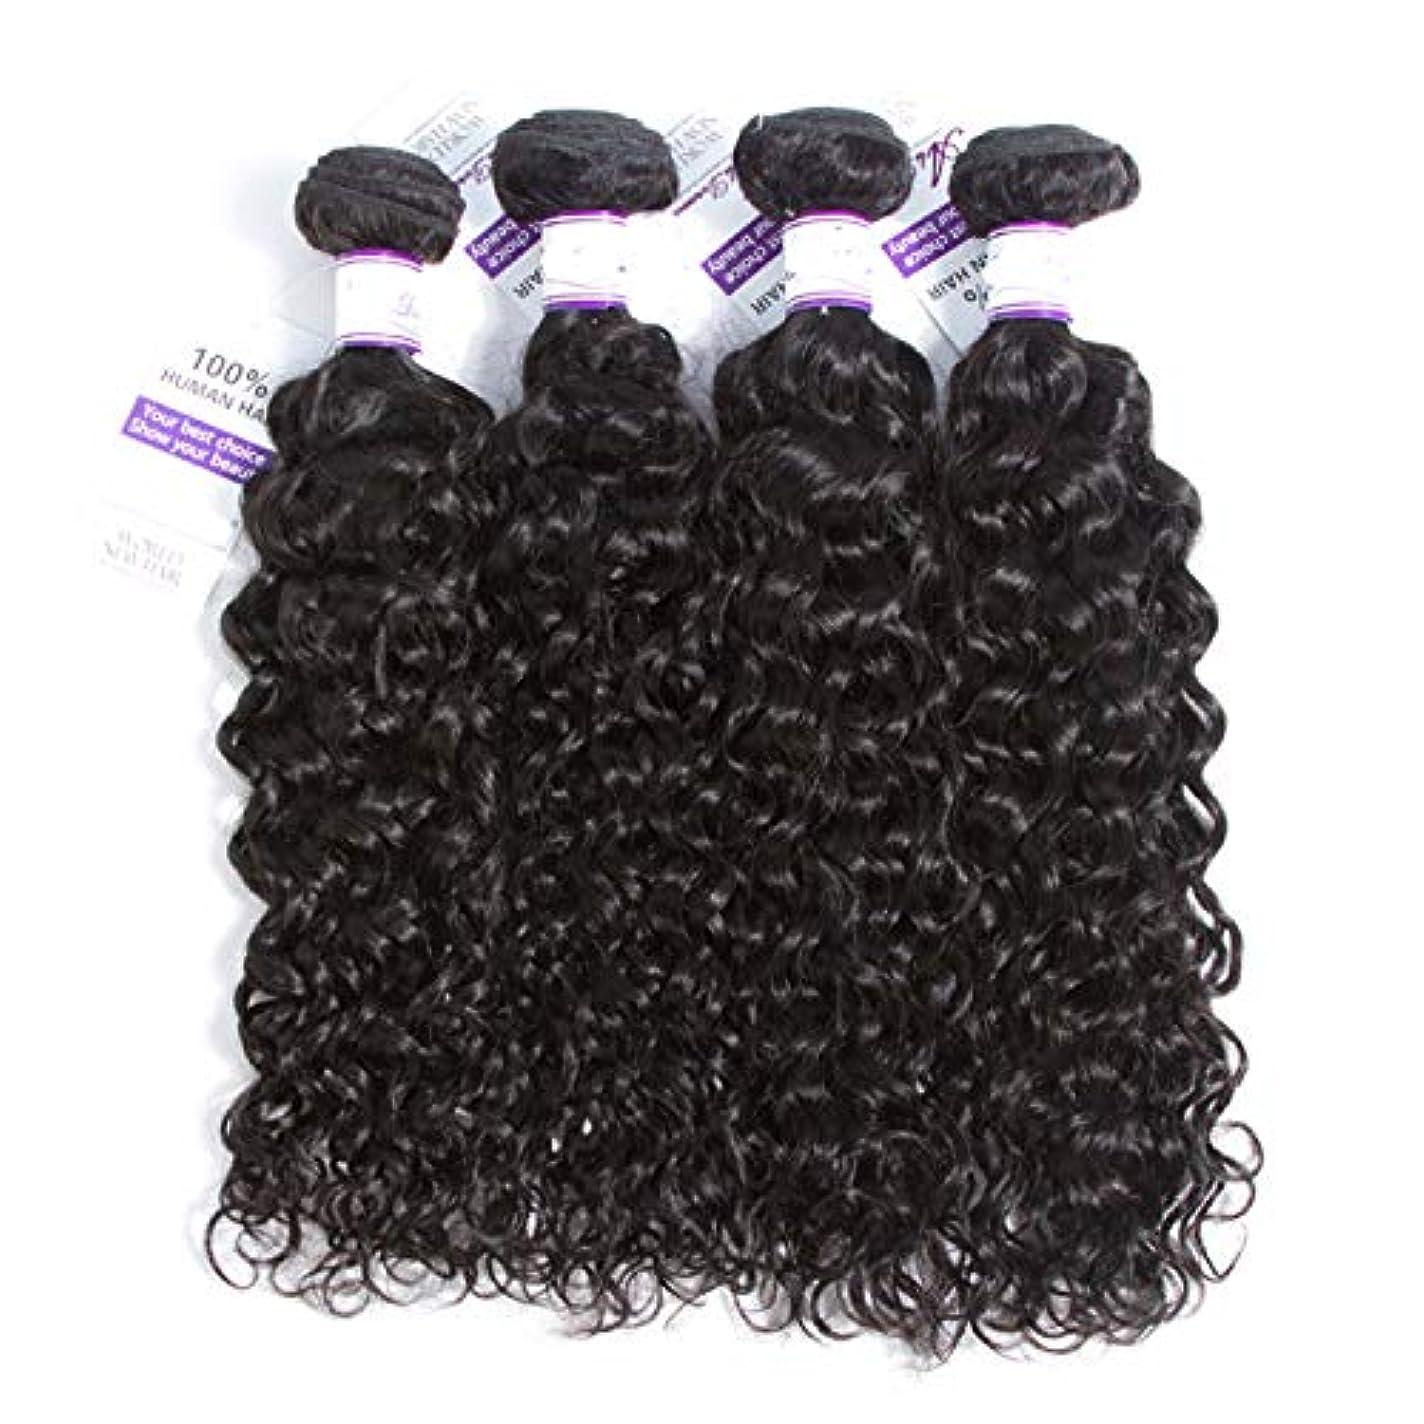 無実脱走かけがえのないかつら マレーシアの水の波髪4個人間の髪の毛の束非レミーの毛延長ナチュラルブラック (Length : 10 10 10 10)